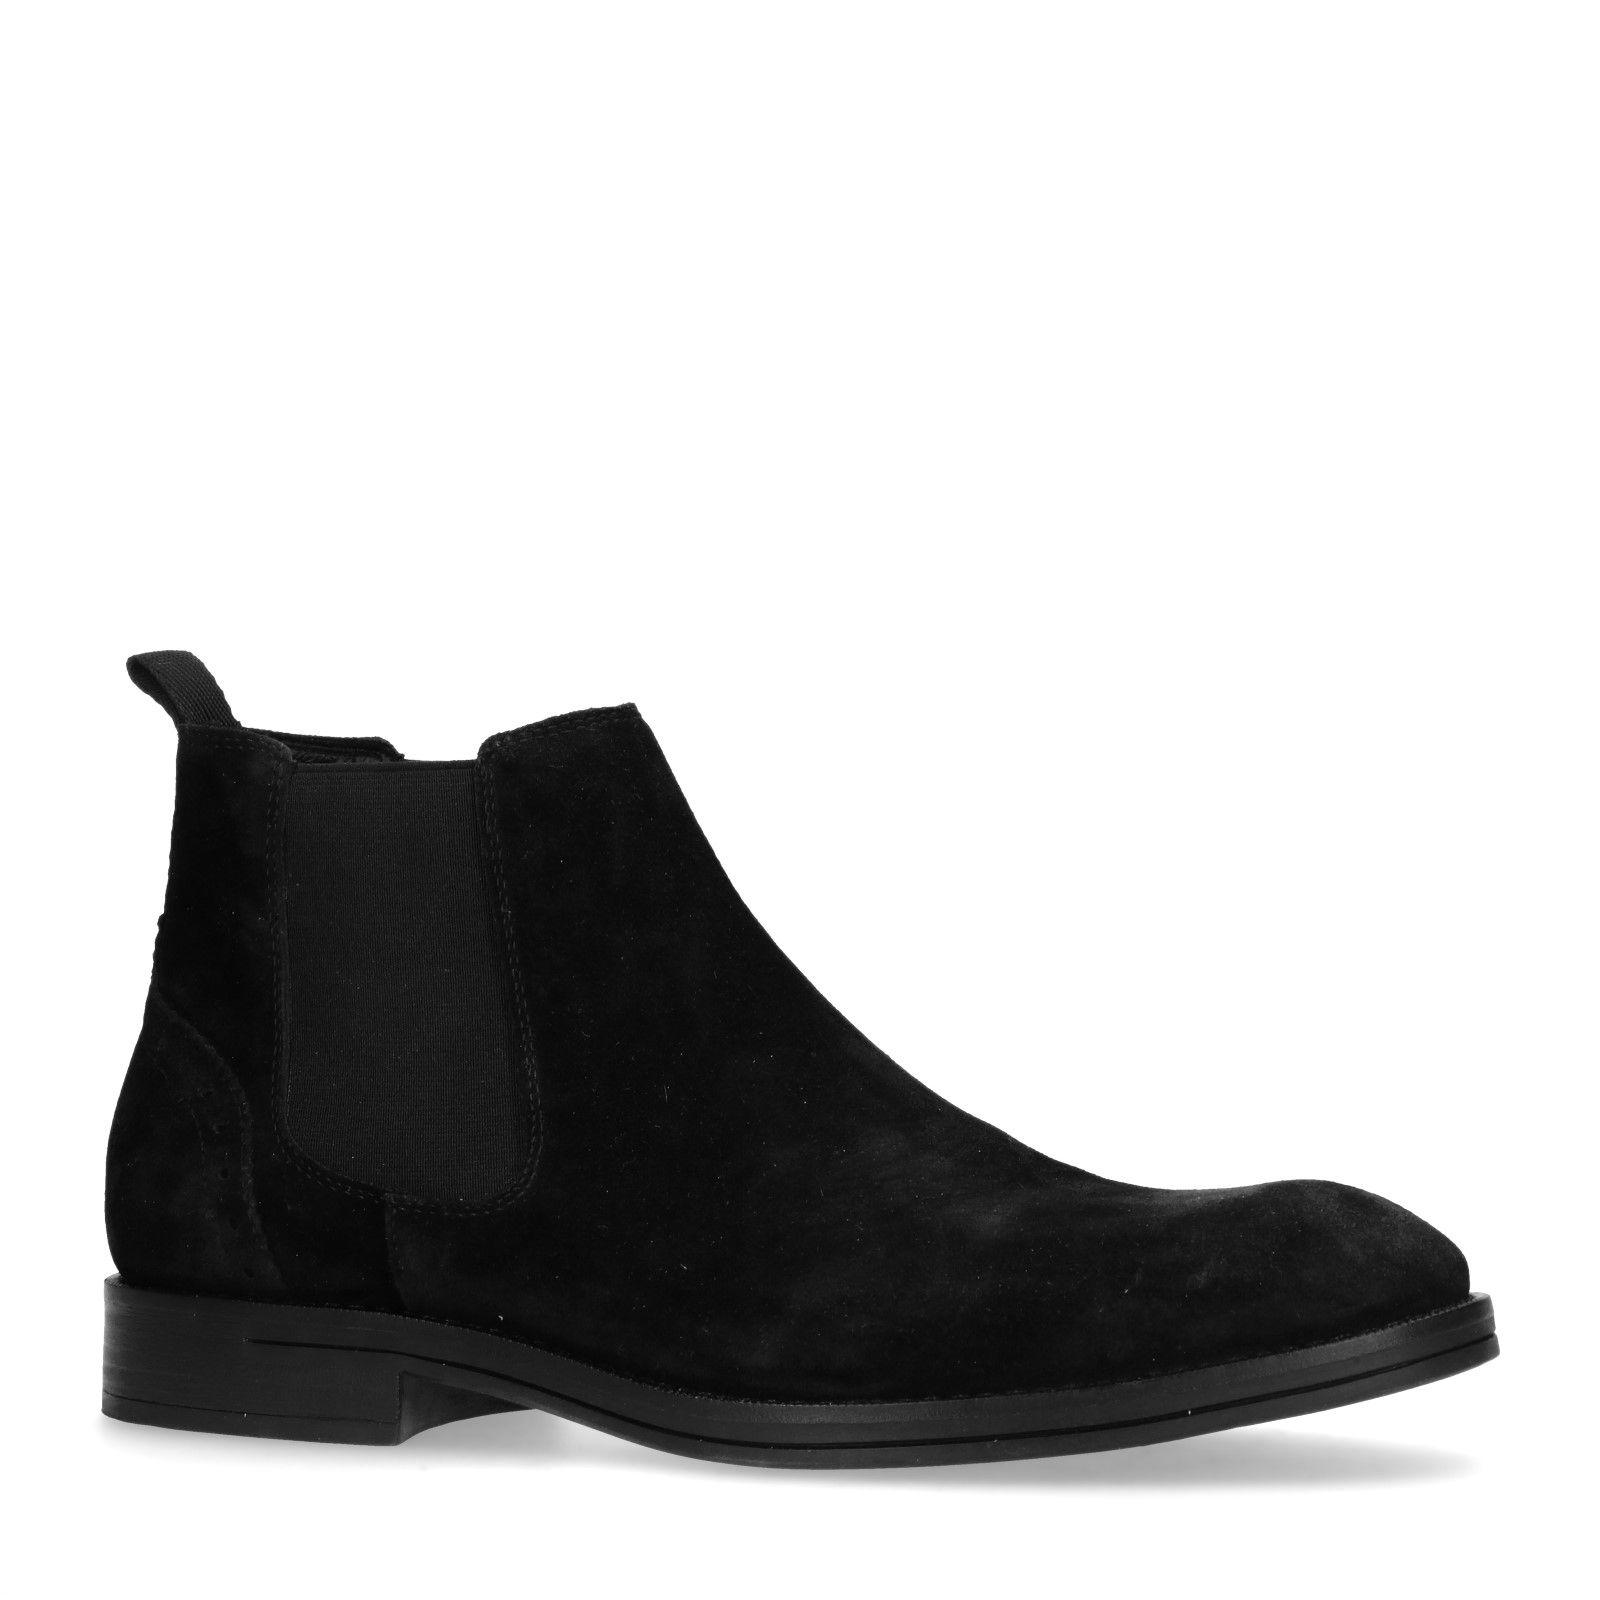 Zwarte chelsea boots Herenschoenen – SACHA